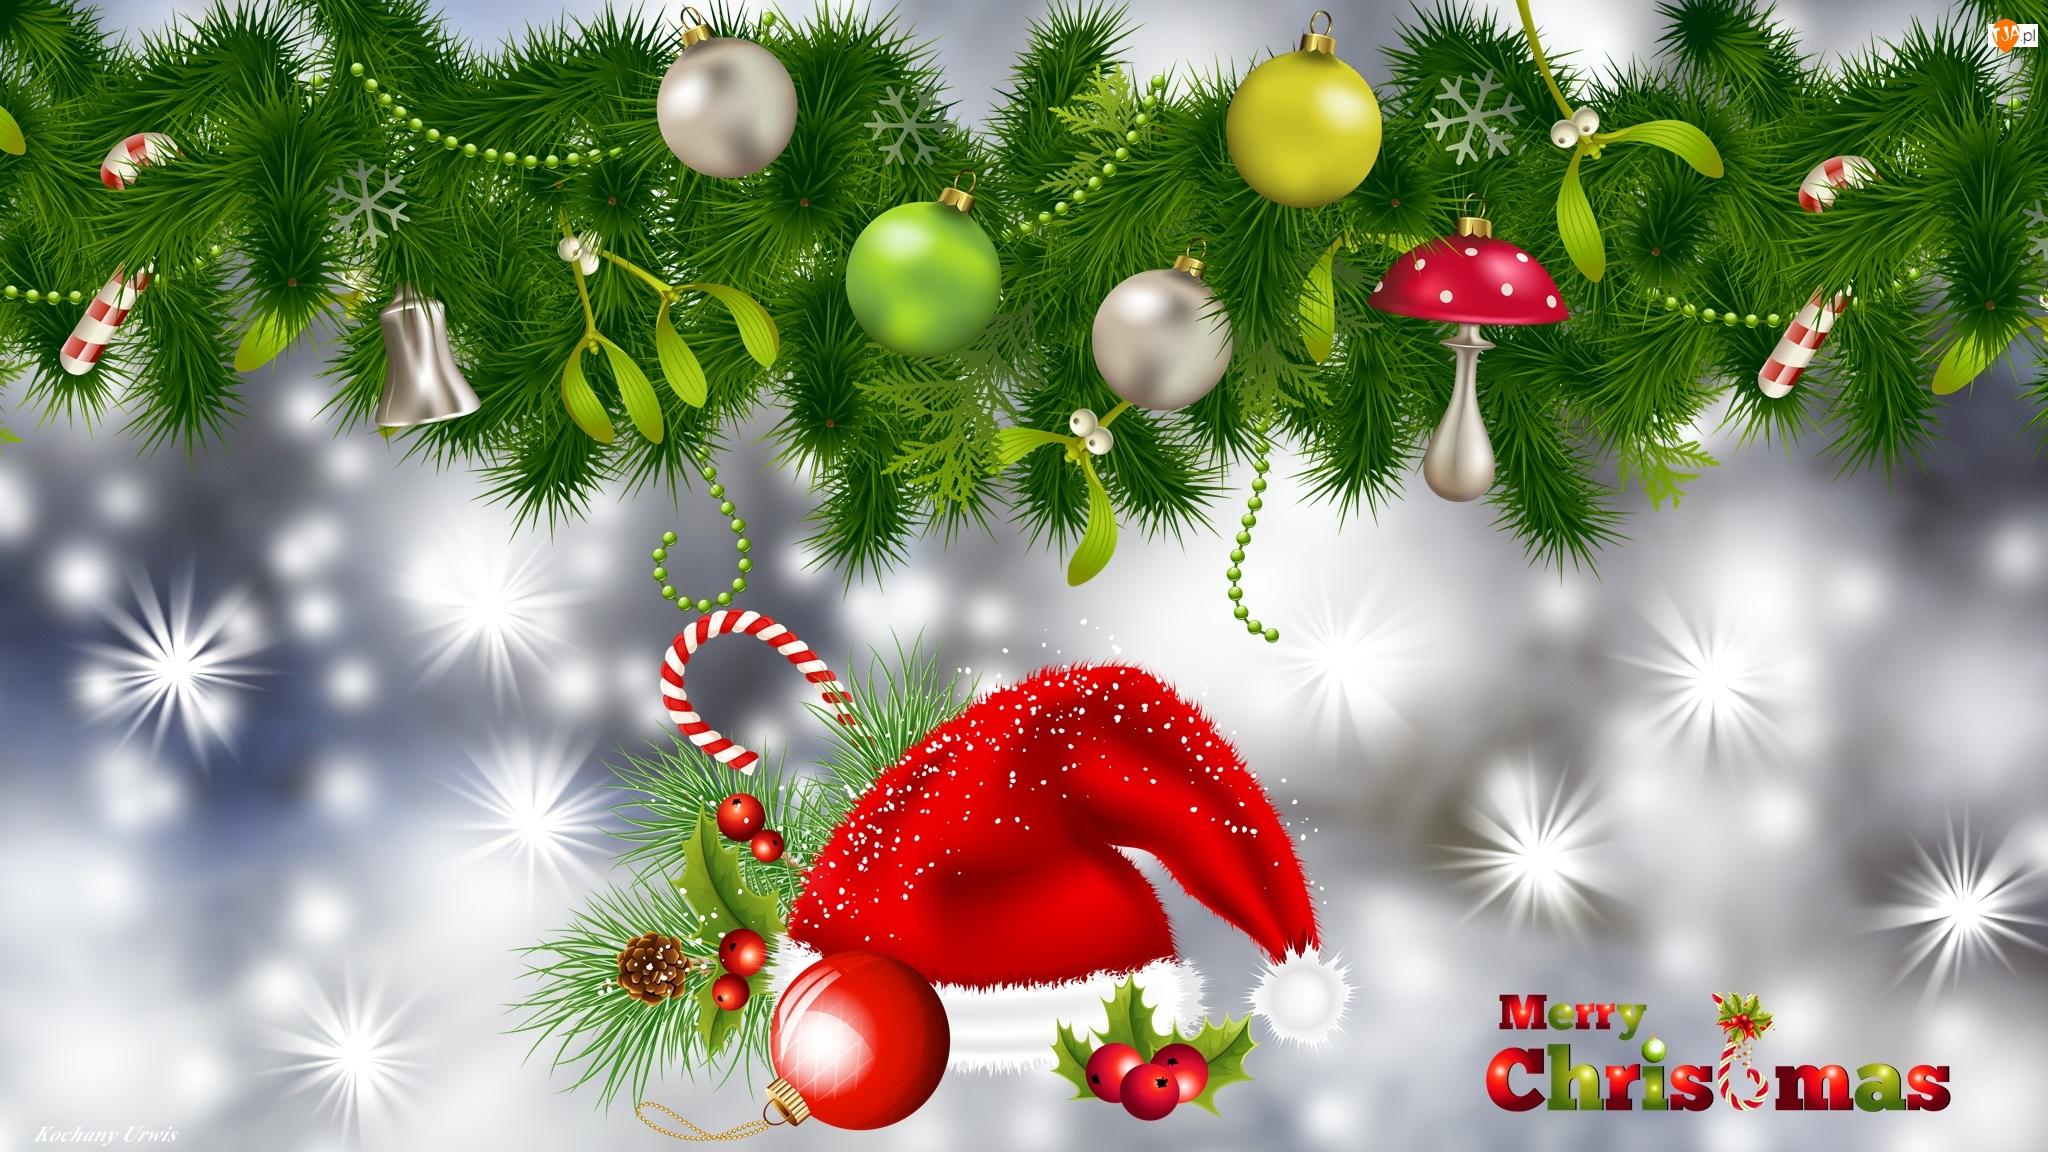 Mikołaja, Boże Narodzenie, Bombki, Gałązki, Świąteczna, Czapka, Grafika 2D, Kompozycja